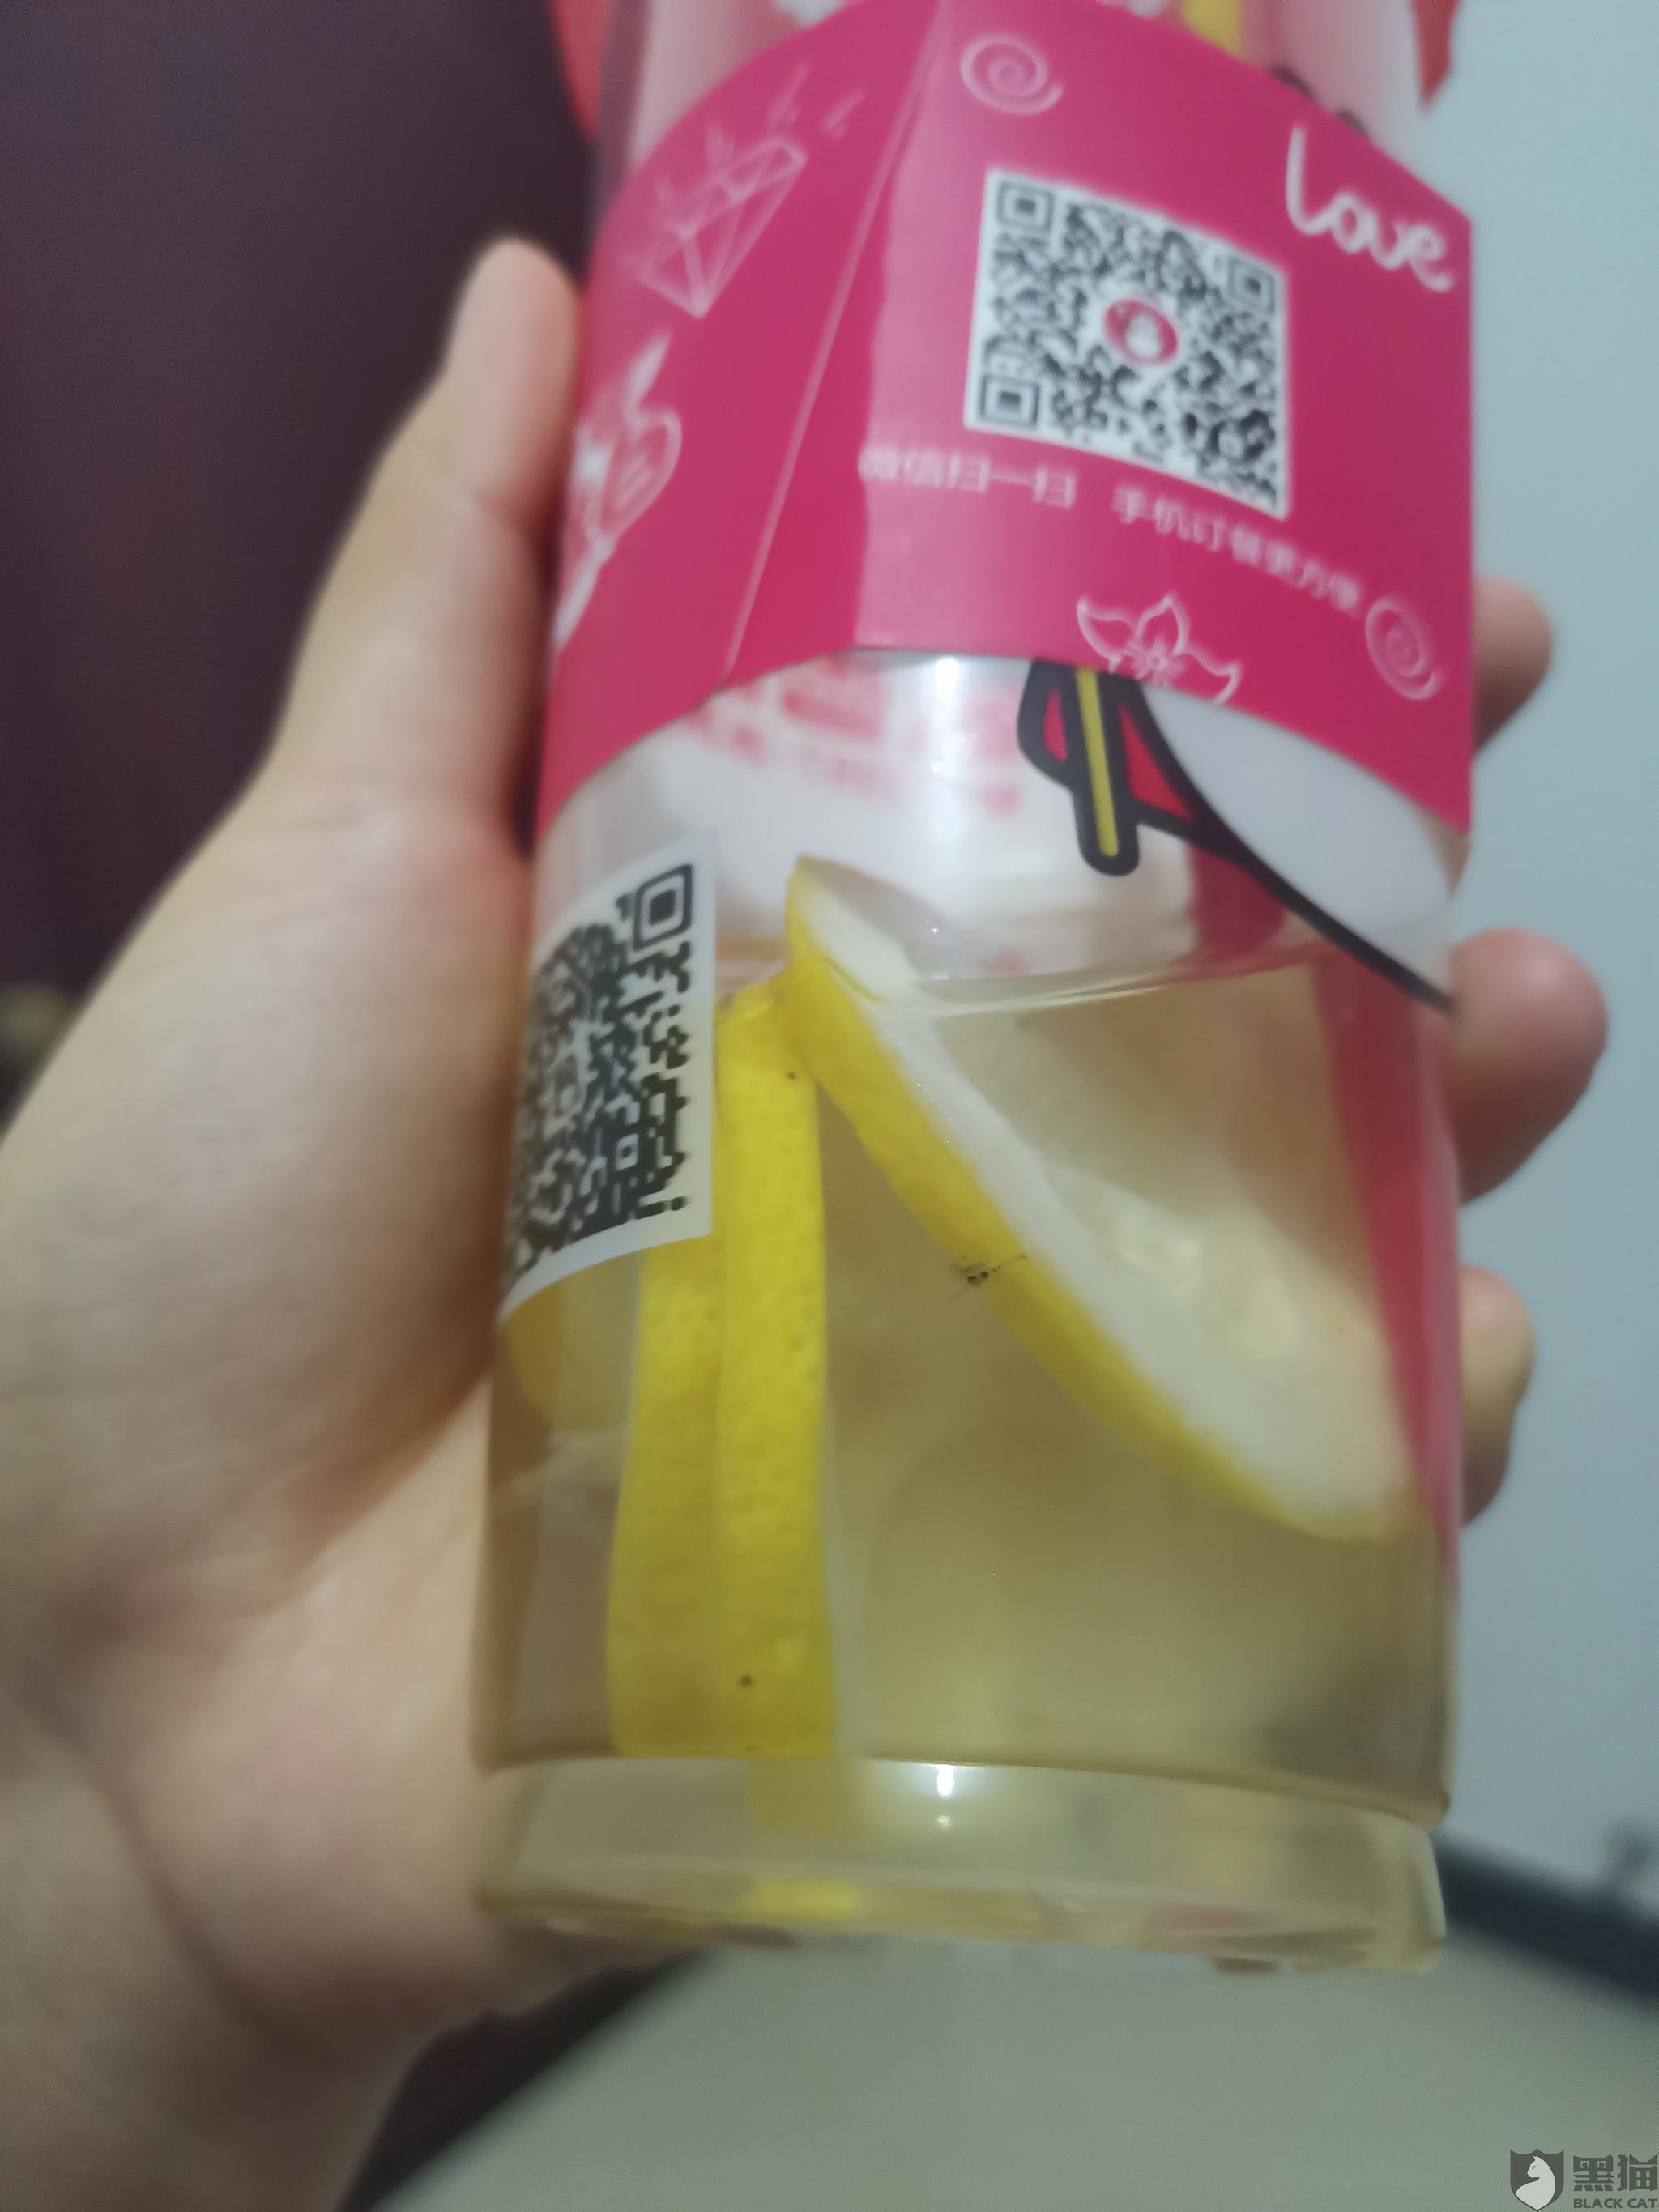 黑猫投诉:封丘黄池路店买的柠檬水 喝出蚊子